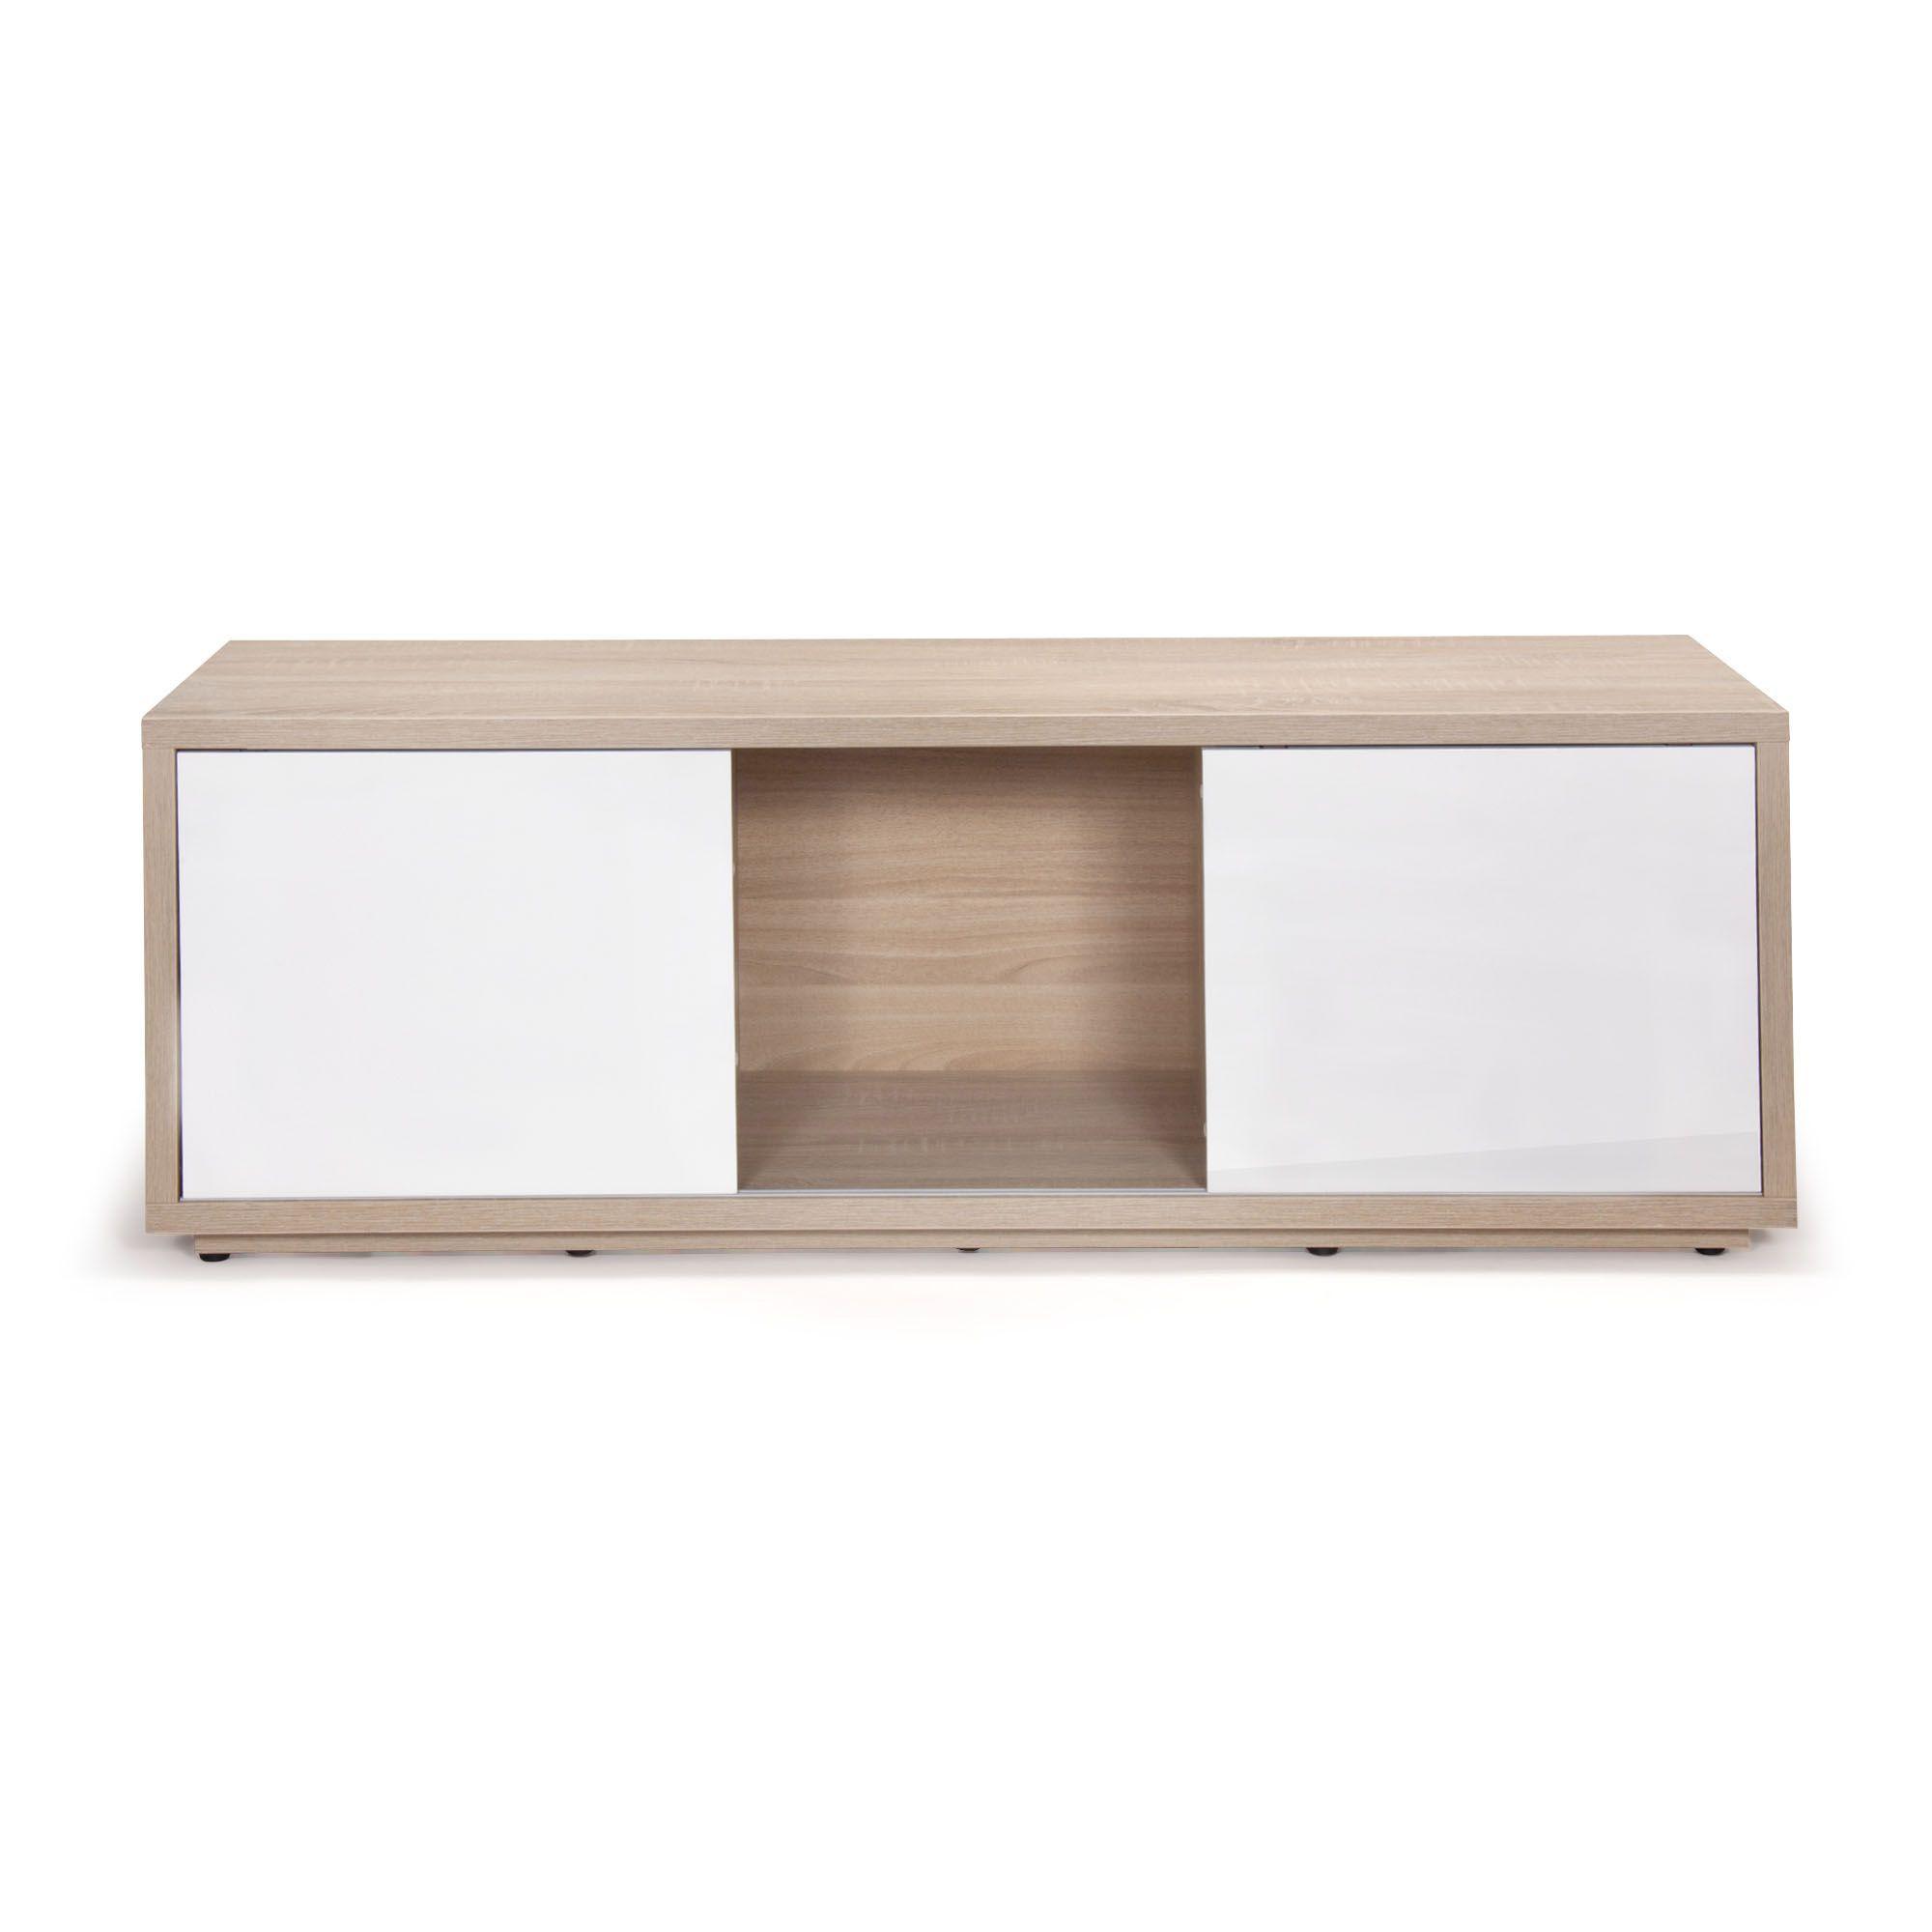 meuble tv design scandinave chene blanc